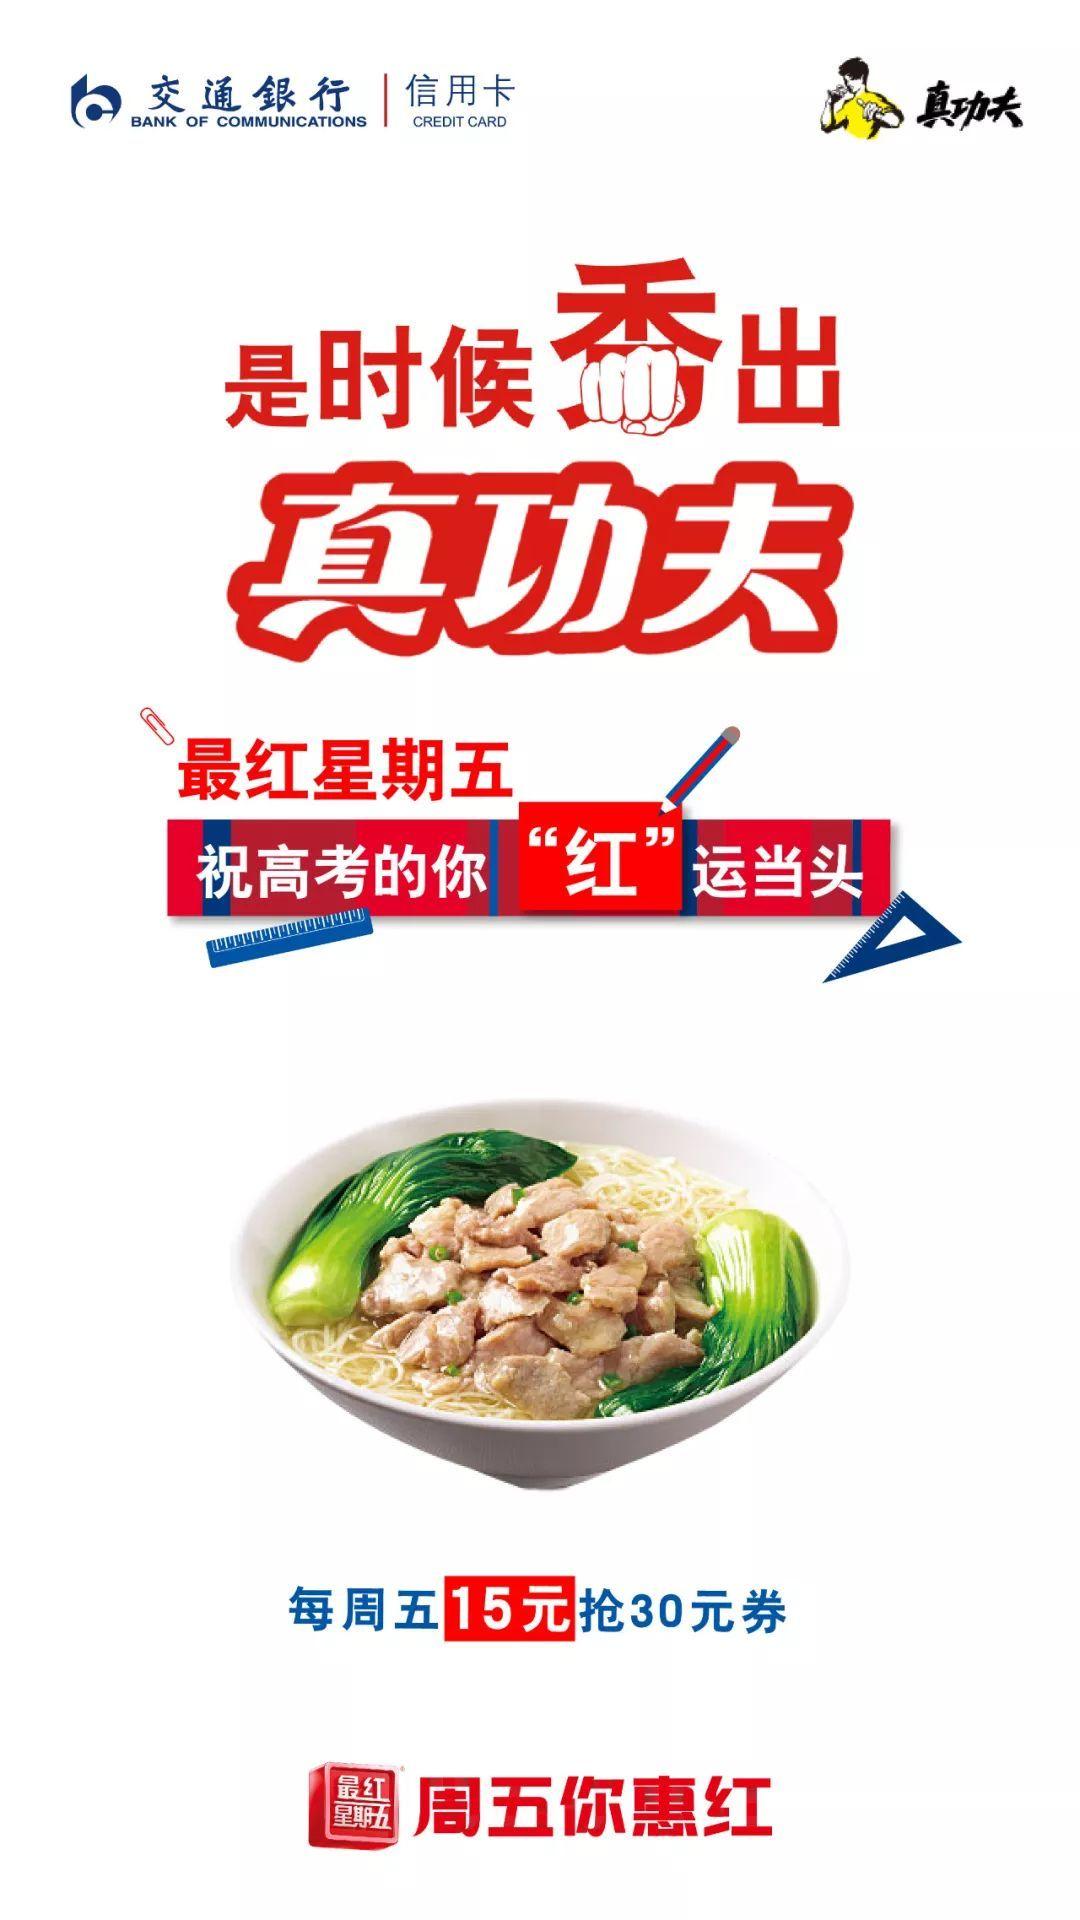 【头条】必胜客100元购150元优惠券,5折吃大牌餐饮美食!